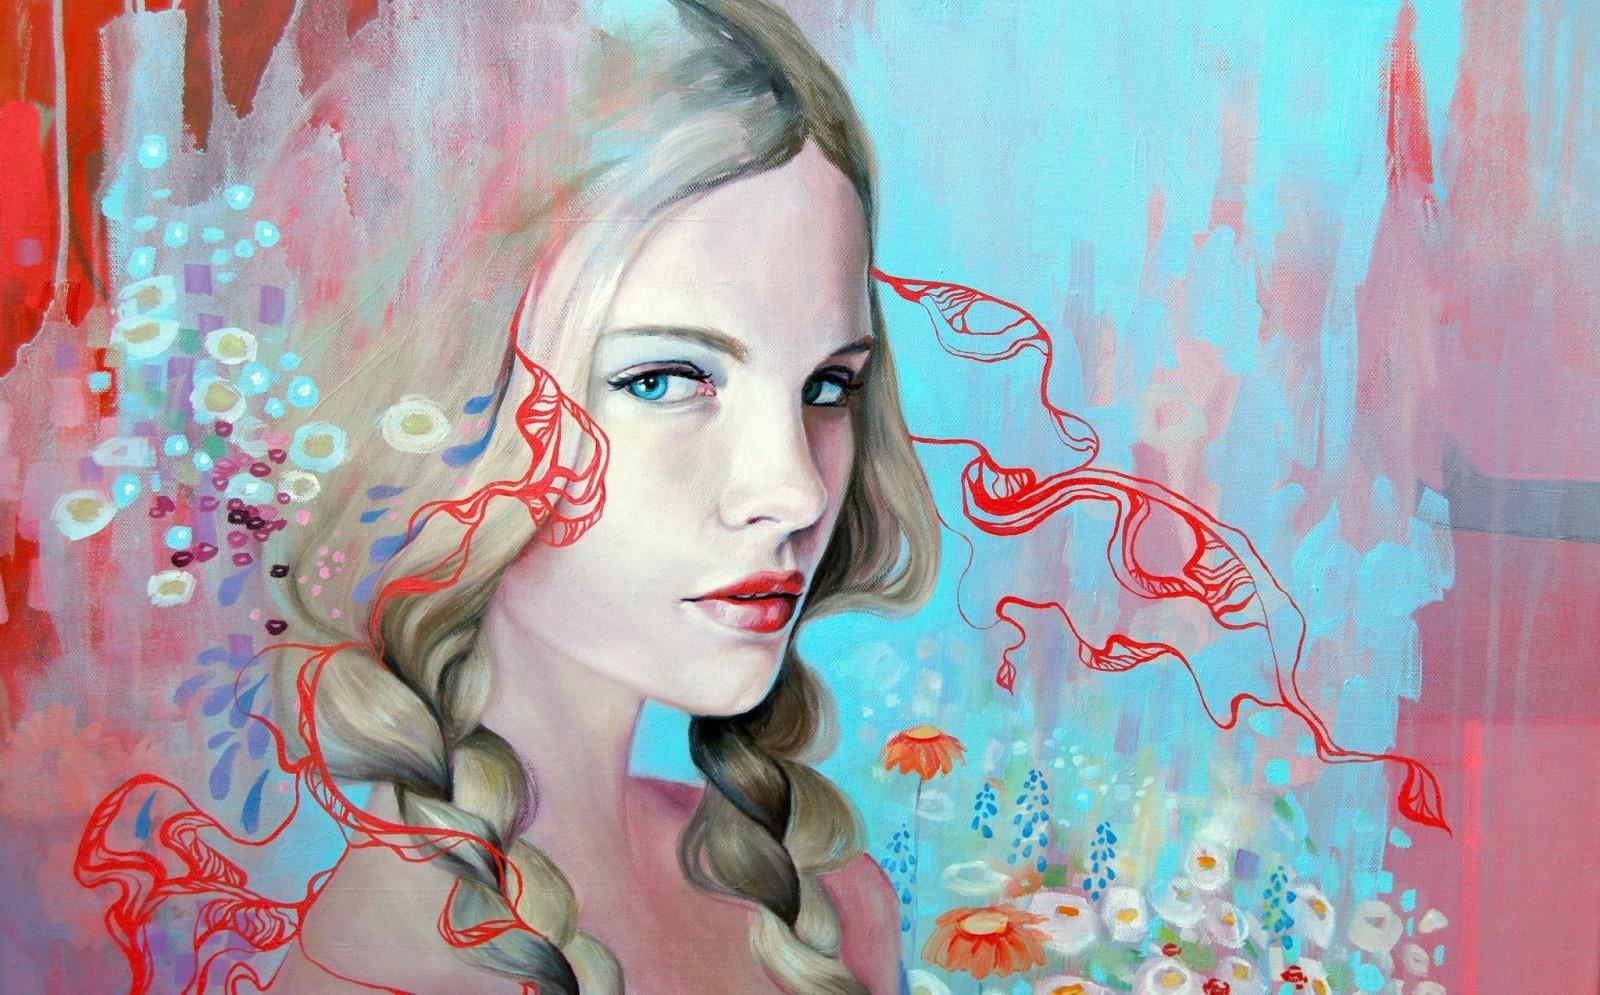 Fond d'écran : visage, dessin, La peinture, illustration, femmes, blond, yeux bleus, ouvrages d ...